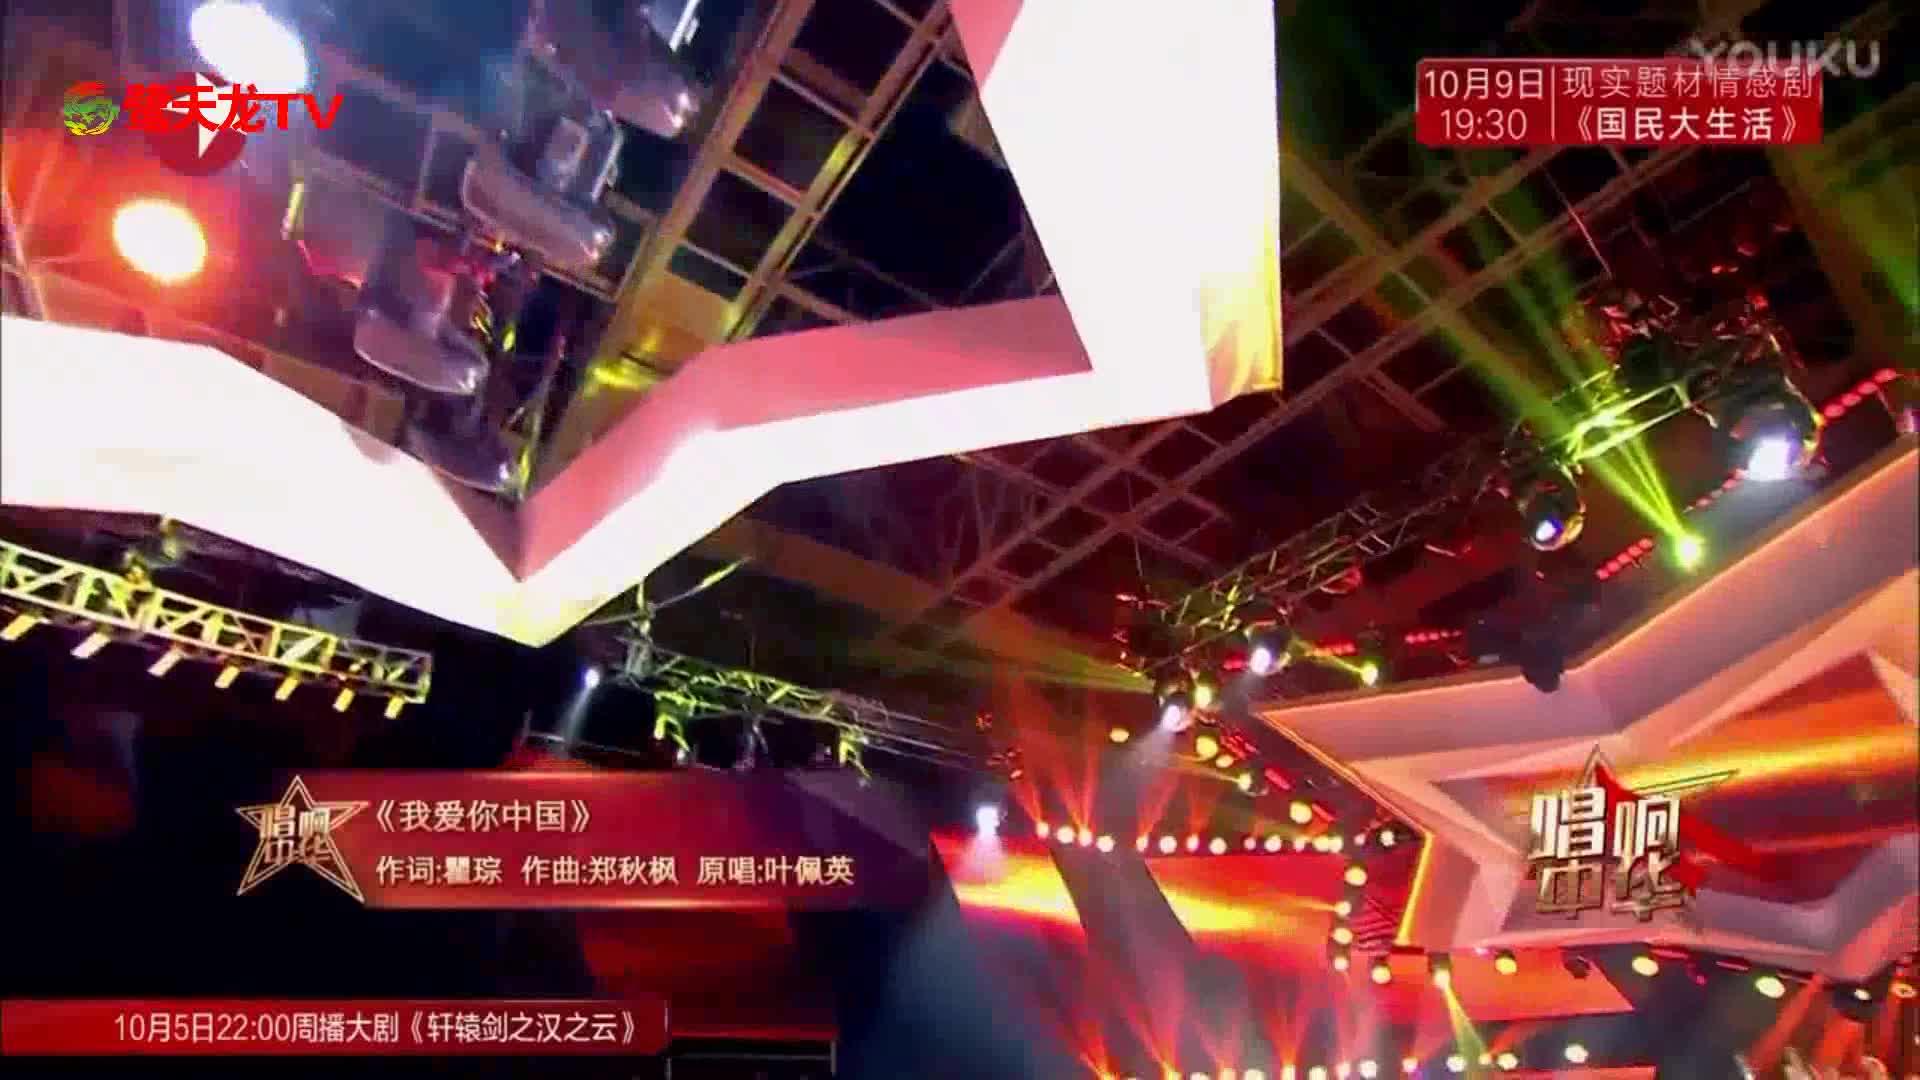 唱响中华国际青年歌唱家《我爱你中国》